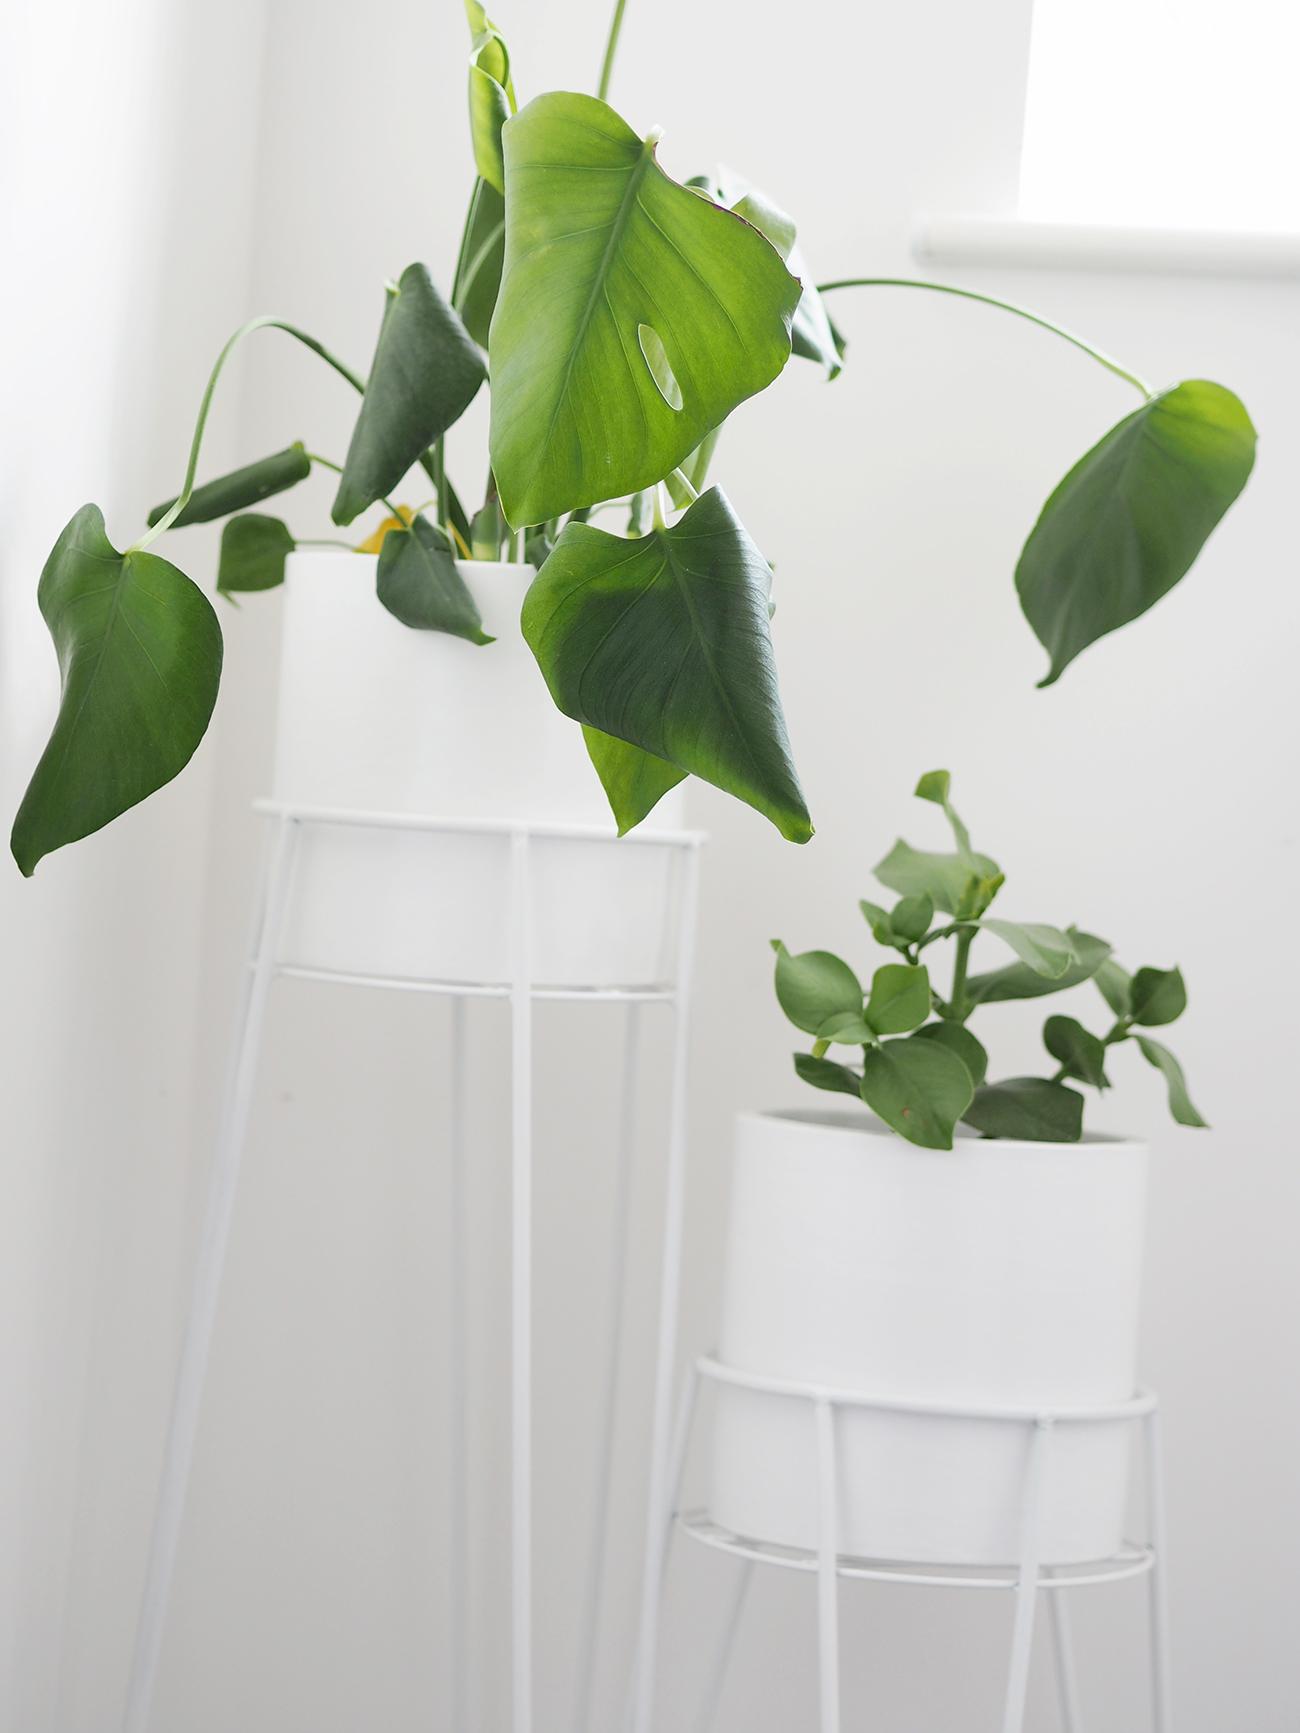 white indoor planters next